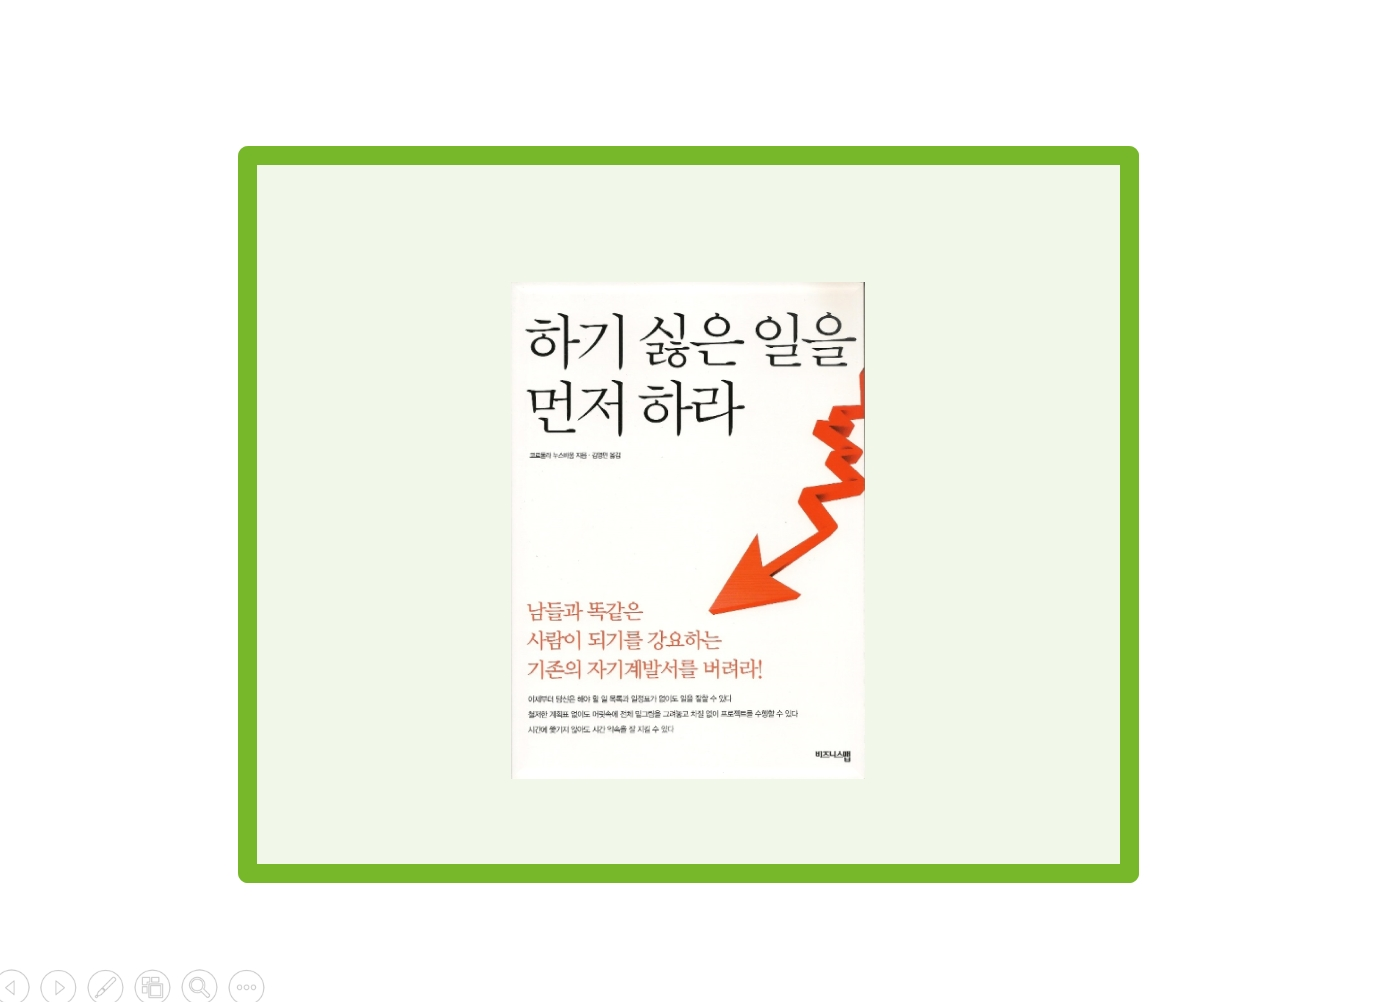 cordula Nussbaum organisieren Sie noch oder leben sie schon, koreanisch